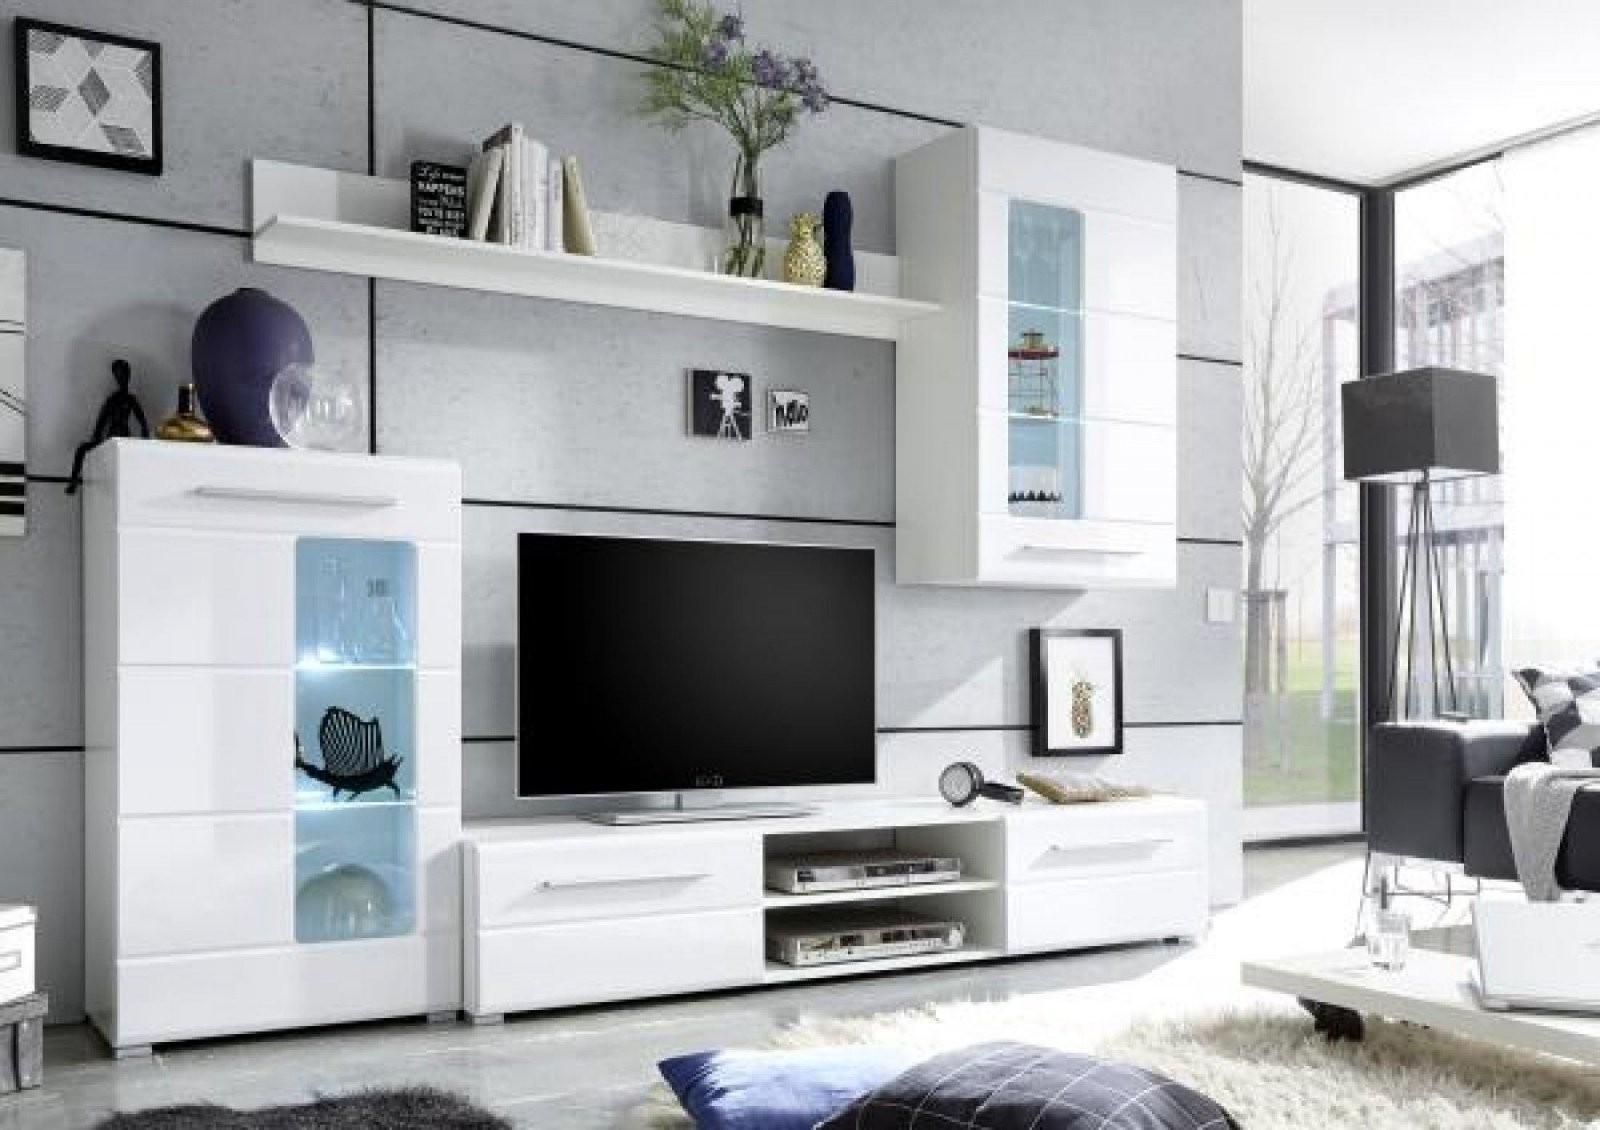 11 Günstige Wohnwand Unter 100 Euro Elegant  Lqaff von Günstige Wohnwand Unter 100 Euro Bild